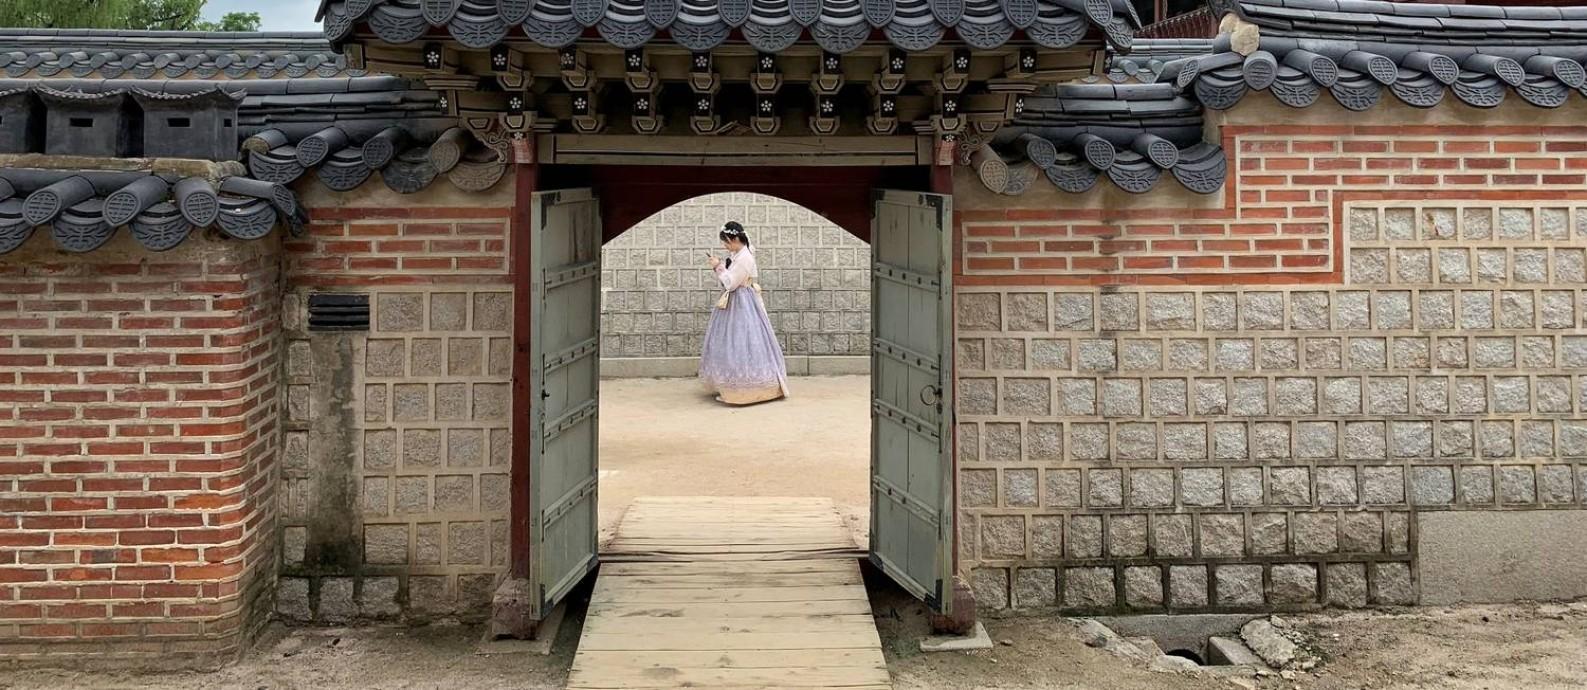 Turista com vestimentas típicas coreanas visita o Palácio Gyeongbokgung, em Seul, capital da Coreia do Sul Foto: ANTONIO BRONIC / REUTERS